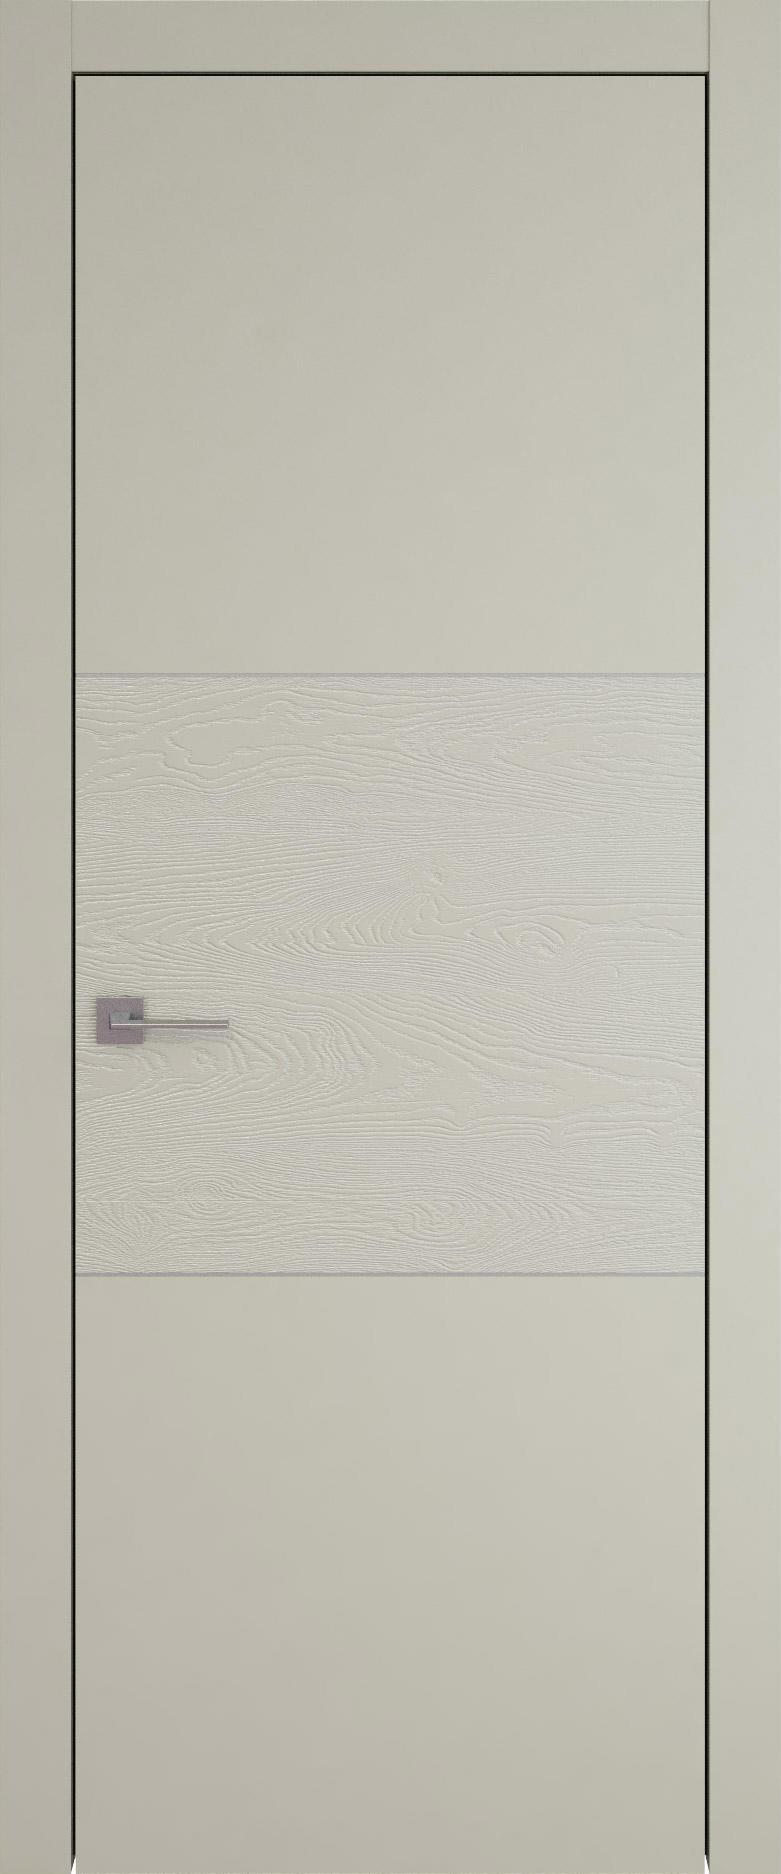 Tivoli В-2 цвет - Серо-оливковая эмаль-эмаль по шпону (RAL 7032) Без стекла (ДГ)